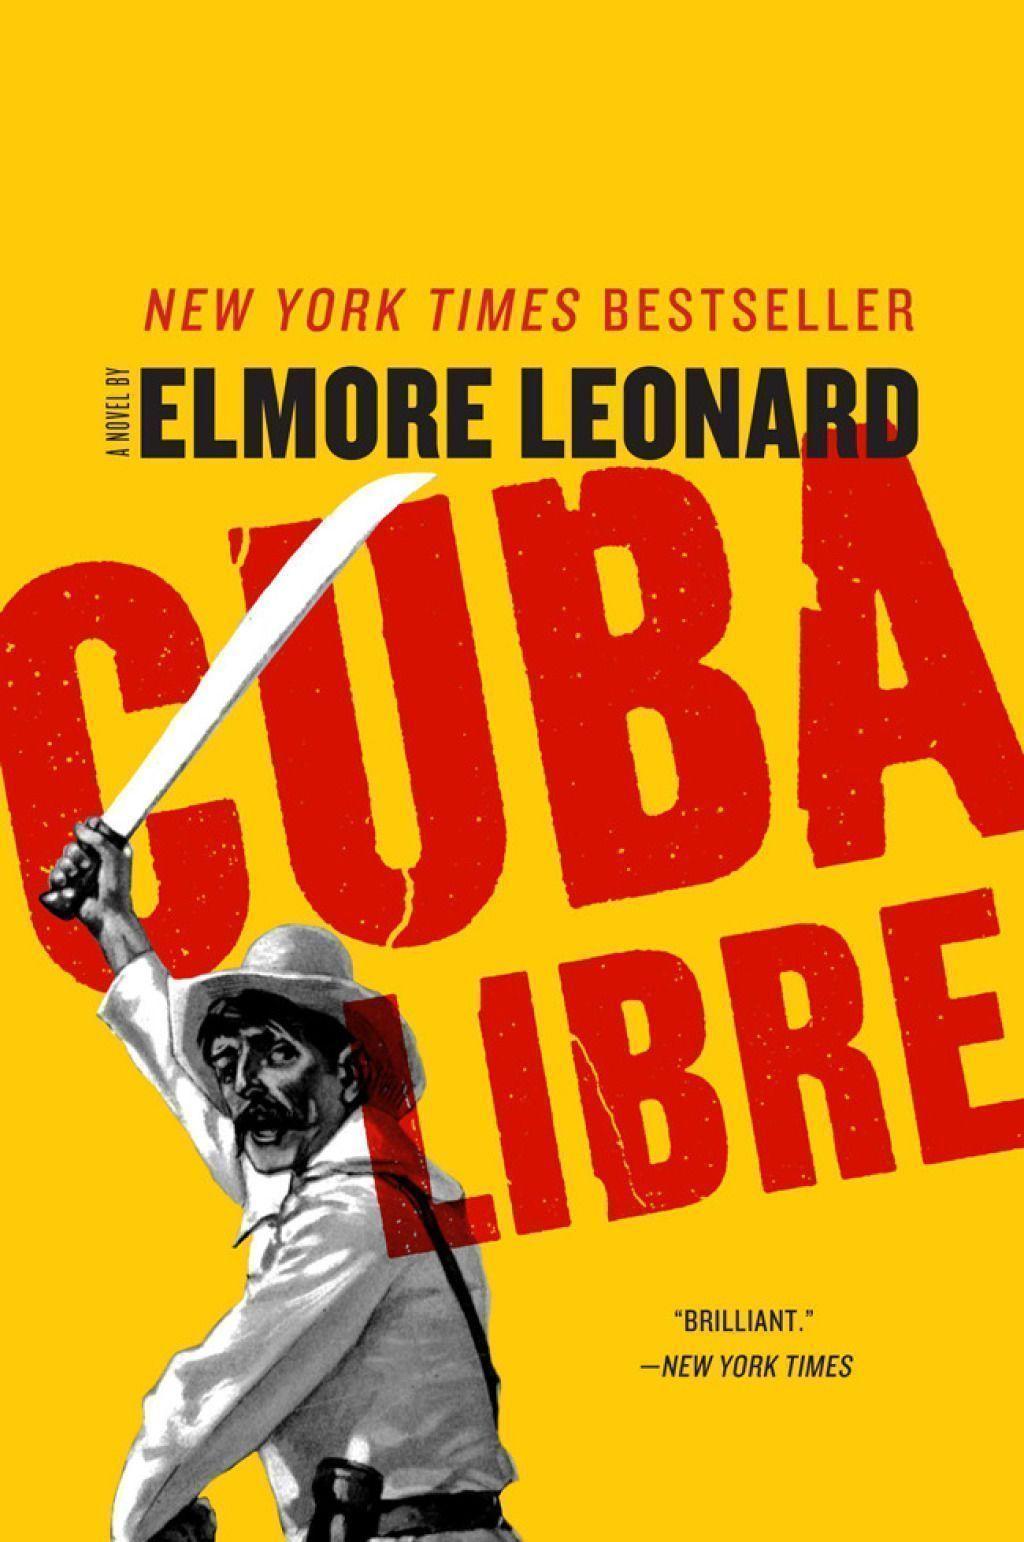 Cuba Libre (eBook) #cubalibre Cuba Libre (eBook) #historyofcuba Cuba Libre (eBook) #cubalibre Cuba Libre (eBook) #cubalibre Cuba Libre (eBook) #cubalibre Cuba Libre (eBook) #historyofcuba Cuba Libre (eBook) #cubalibre Cuba Libre (eBook) #cubalibre Cuba Libre (eBook) #cubalibre Cuba Libre (eBook) #historyofcuba Cuba Libre (eBook) #cubalibre Cuba Libre (eBook) #cubalibre Cuba Libre (eBook) #cubalibre Cuba Libre (eBook) #historyofcuba Cuba Libre (eBook) #cubalibre Cuba Libre (eBook) #cubalibre Cuba #historyofcuba